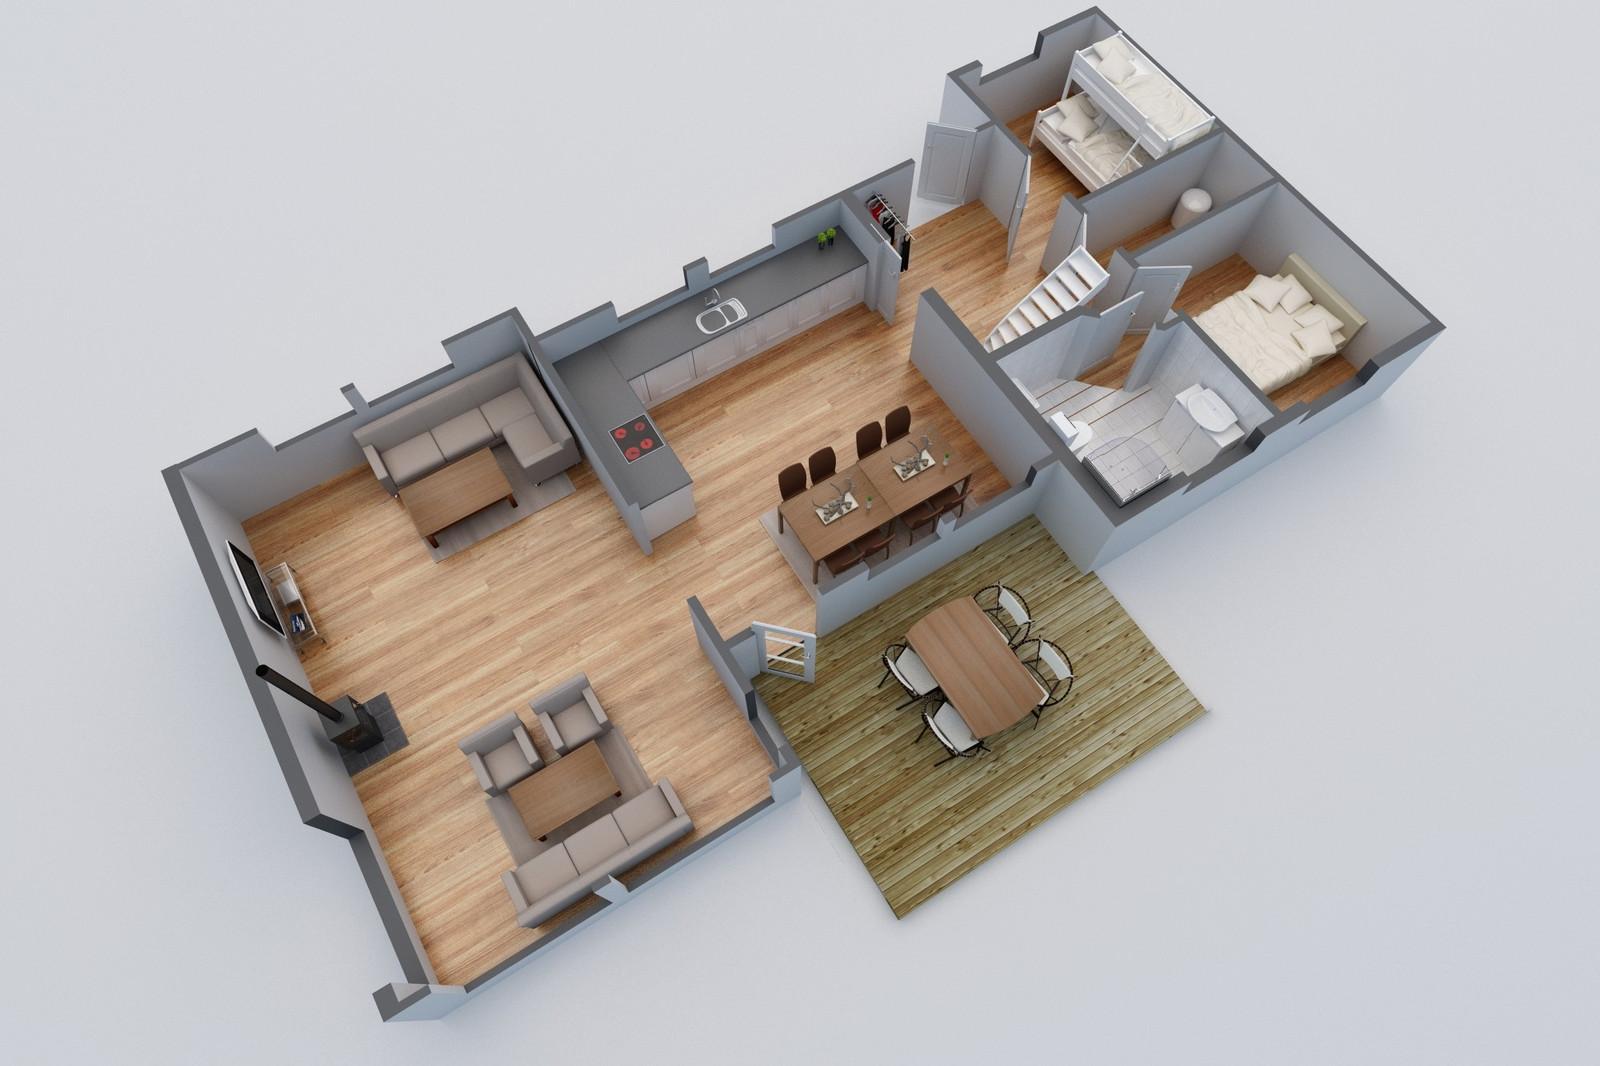 Høgtind illustrasjon over foreslått planløsning